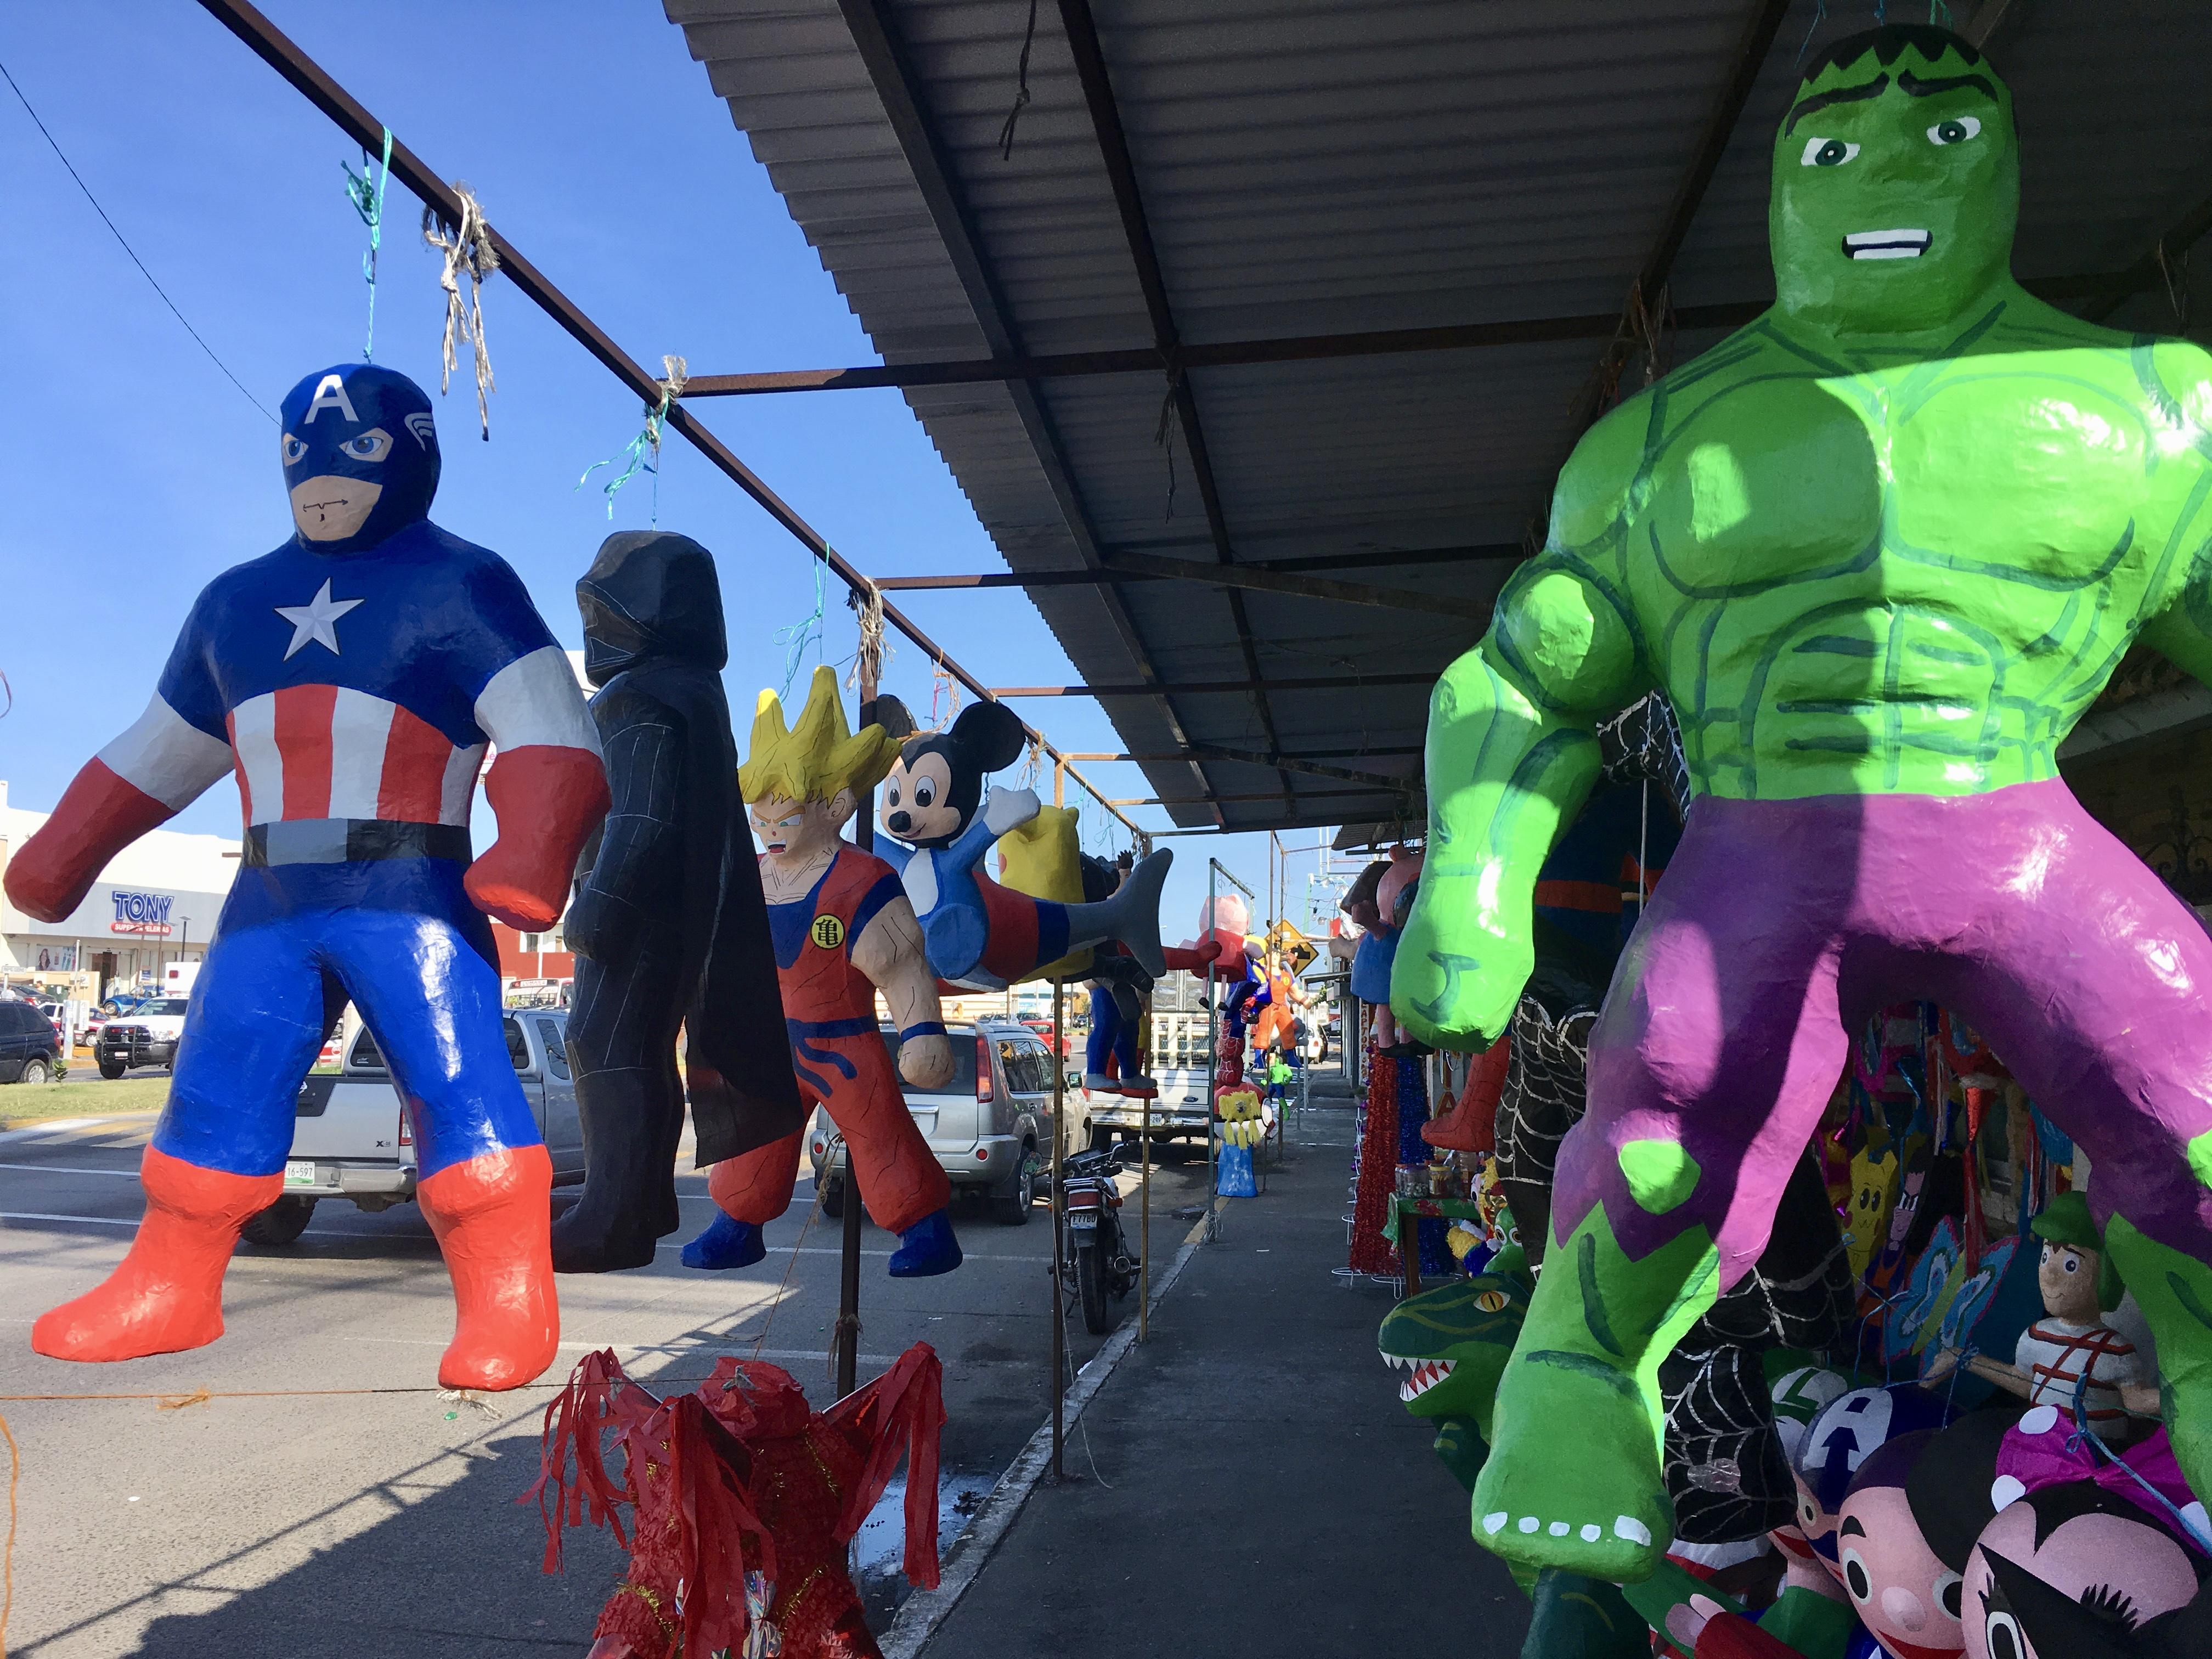 Echte mexikanische Piñatas! Diese hier sind handgefertigt (aus Pappe) und werden besonders um Weihnachten gern gekauft - innen drin sind Süßigkeiten für die Kinder, die die Figuren mithilfe eines Stocks und mit verbundenen Augen zerschlagen.